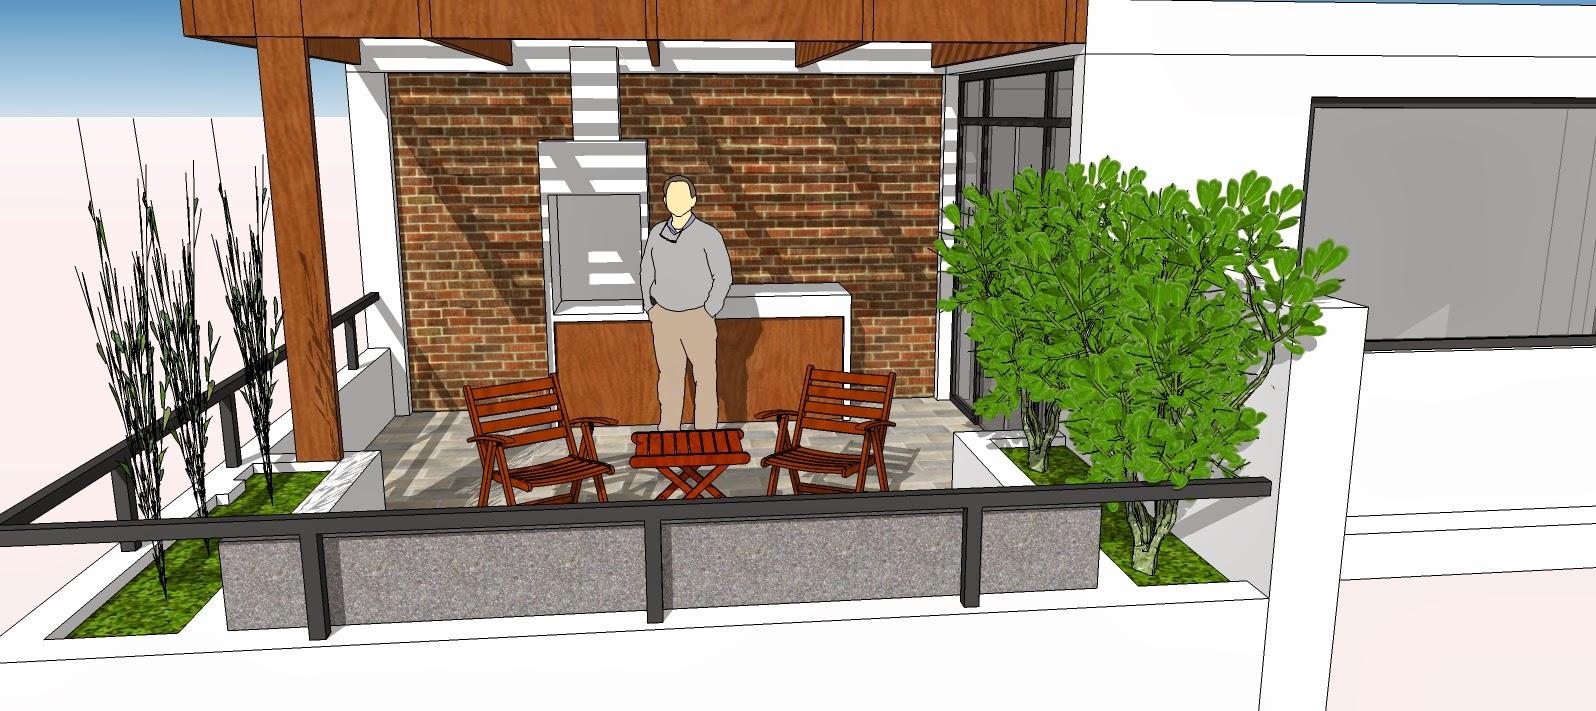 Oniria dise o previo terraza en departamento en tercer piso - Diseno de terraza ...